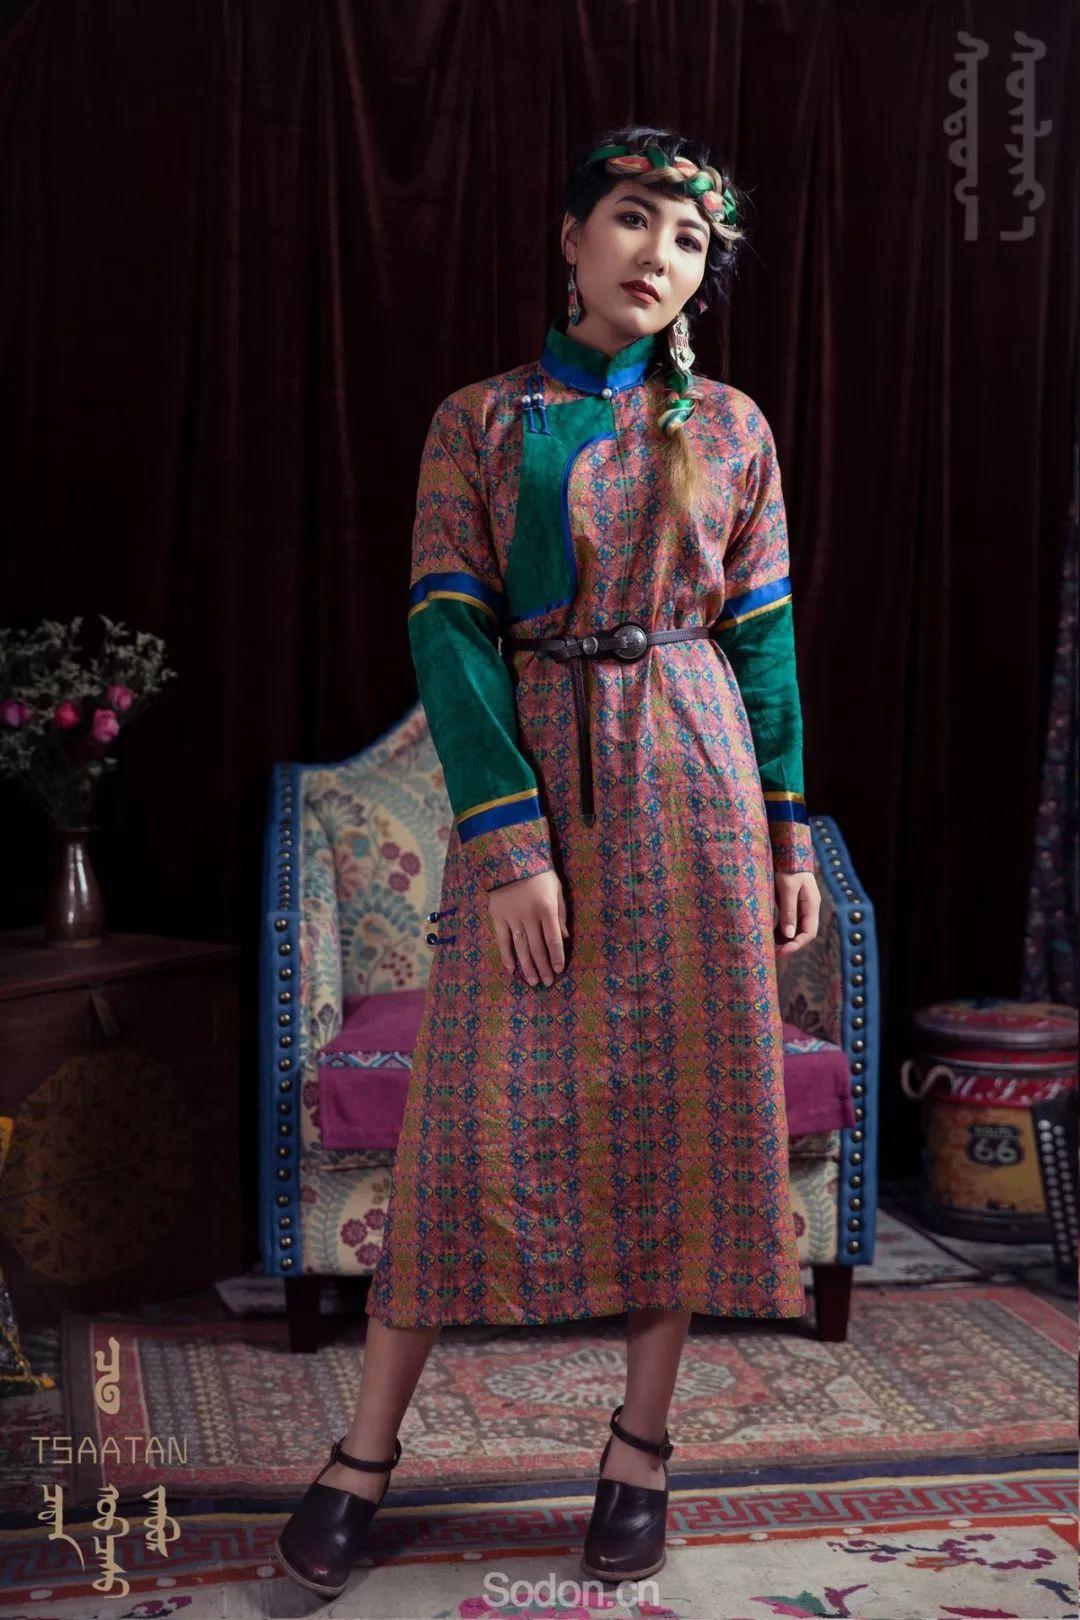 TSAATAN蒙古时装 2019新款,来自驯鹿人的独特魅力! 第93张